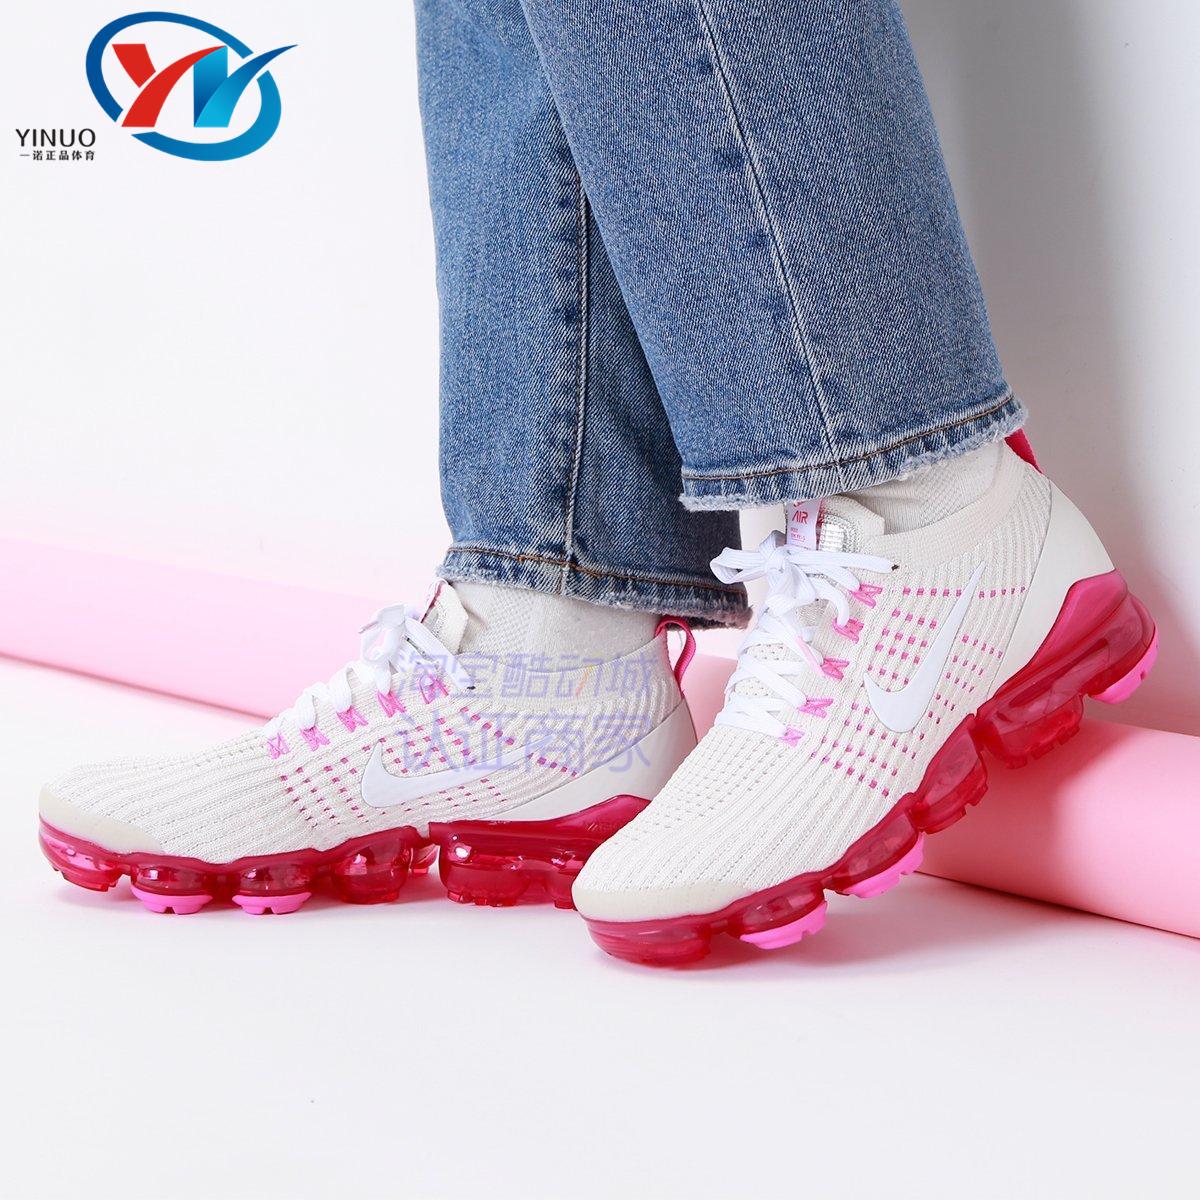 耐克气垫运动鞋 Nike耐克 VaporMax 3.0 女子白粉气垫透气运动跑步鞋 AJ6910-005_推荐淘宝好看的女耐克气垫运动鞋